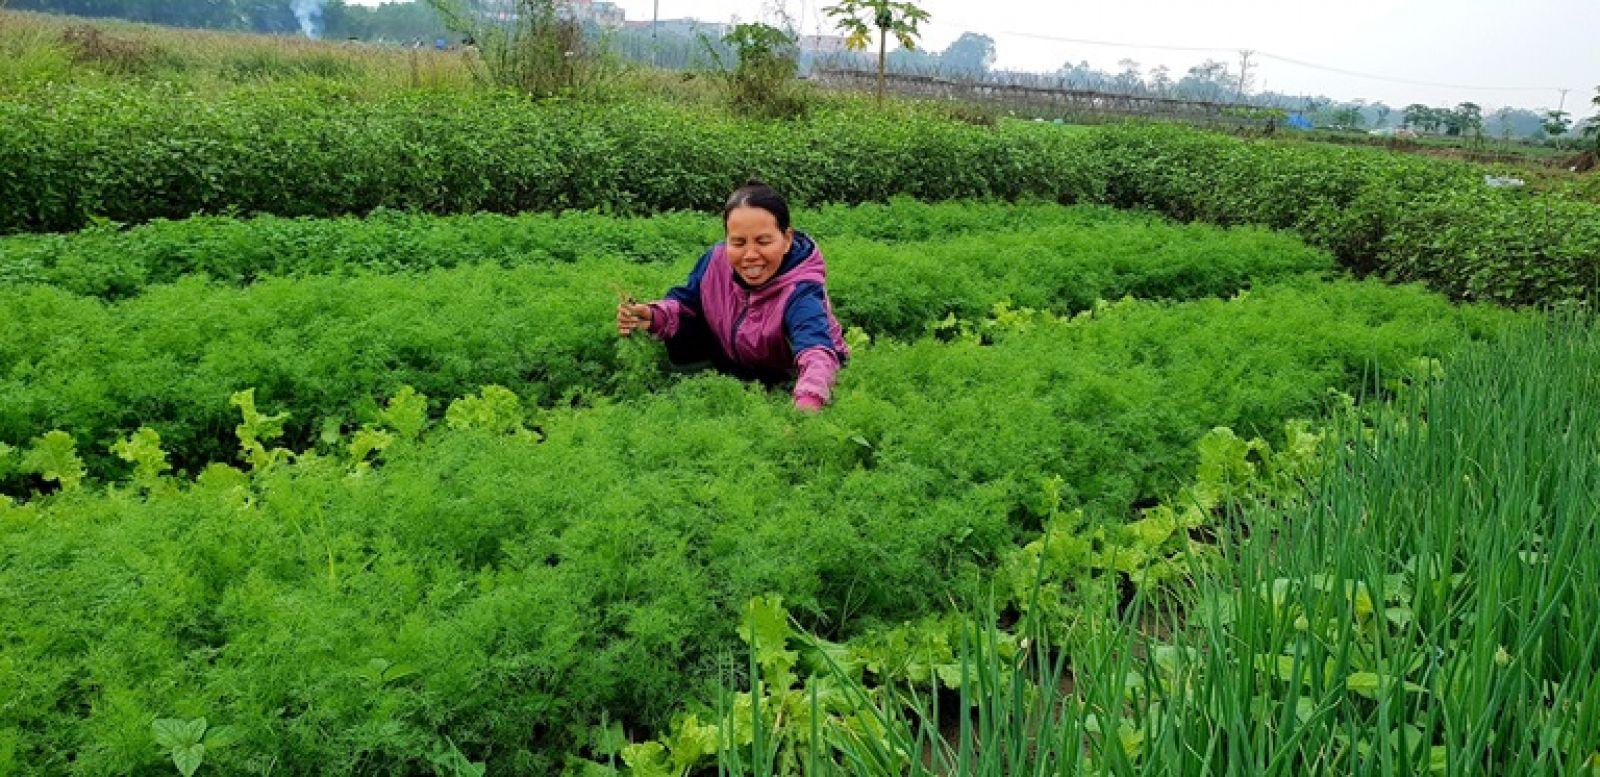 Chị Thân Thị Hà, ở thôn Phương Viên, thị trấn Thổ Tang (Vĩnh Tường) trồng 3 sào rau gia vị cho thu nhập từ 300.000 - 400.000 đồng/ngày